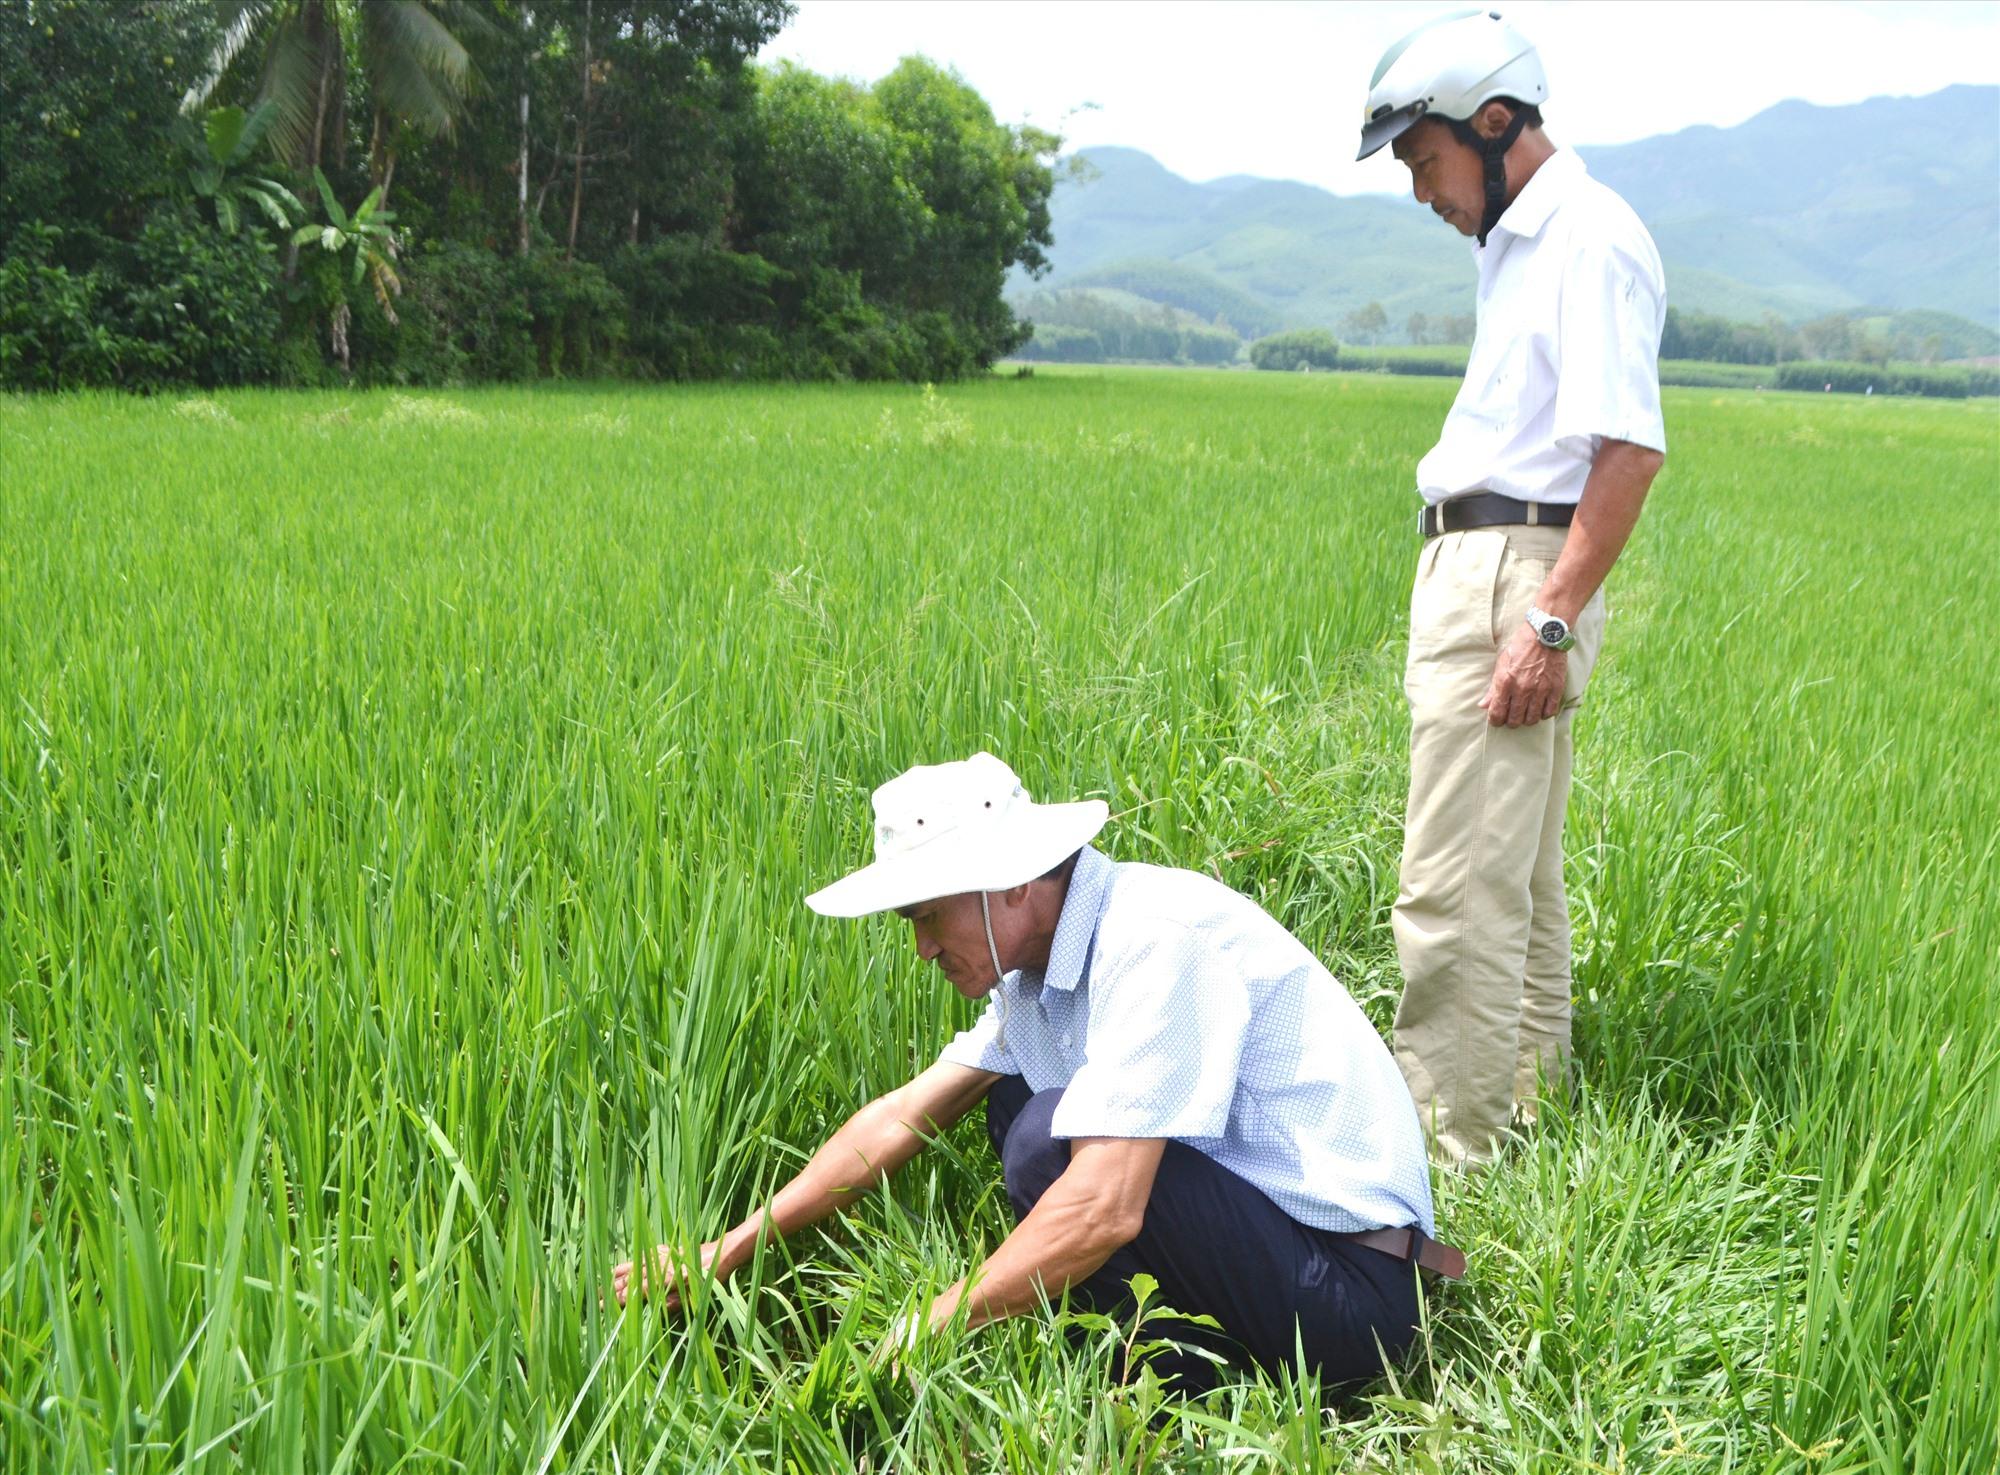 HTX Nông nghiệp - dịch vụ du lịch Tam Mỹ Tây (Núi Thành) liên kết với nông dân canh tác giống nếp bầu Tam Mỹ, sản phẩm OCOP xếp loại 3 sao. Ảnh: C.T